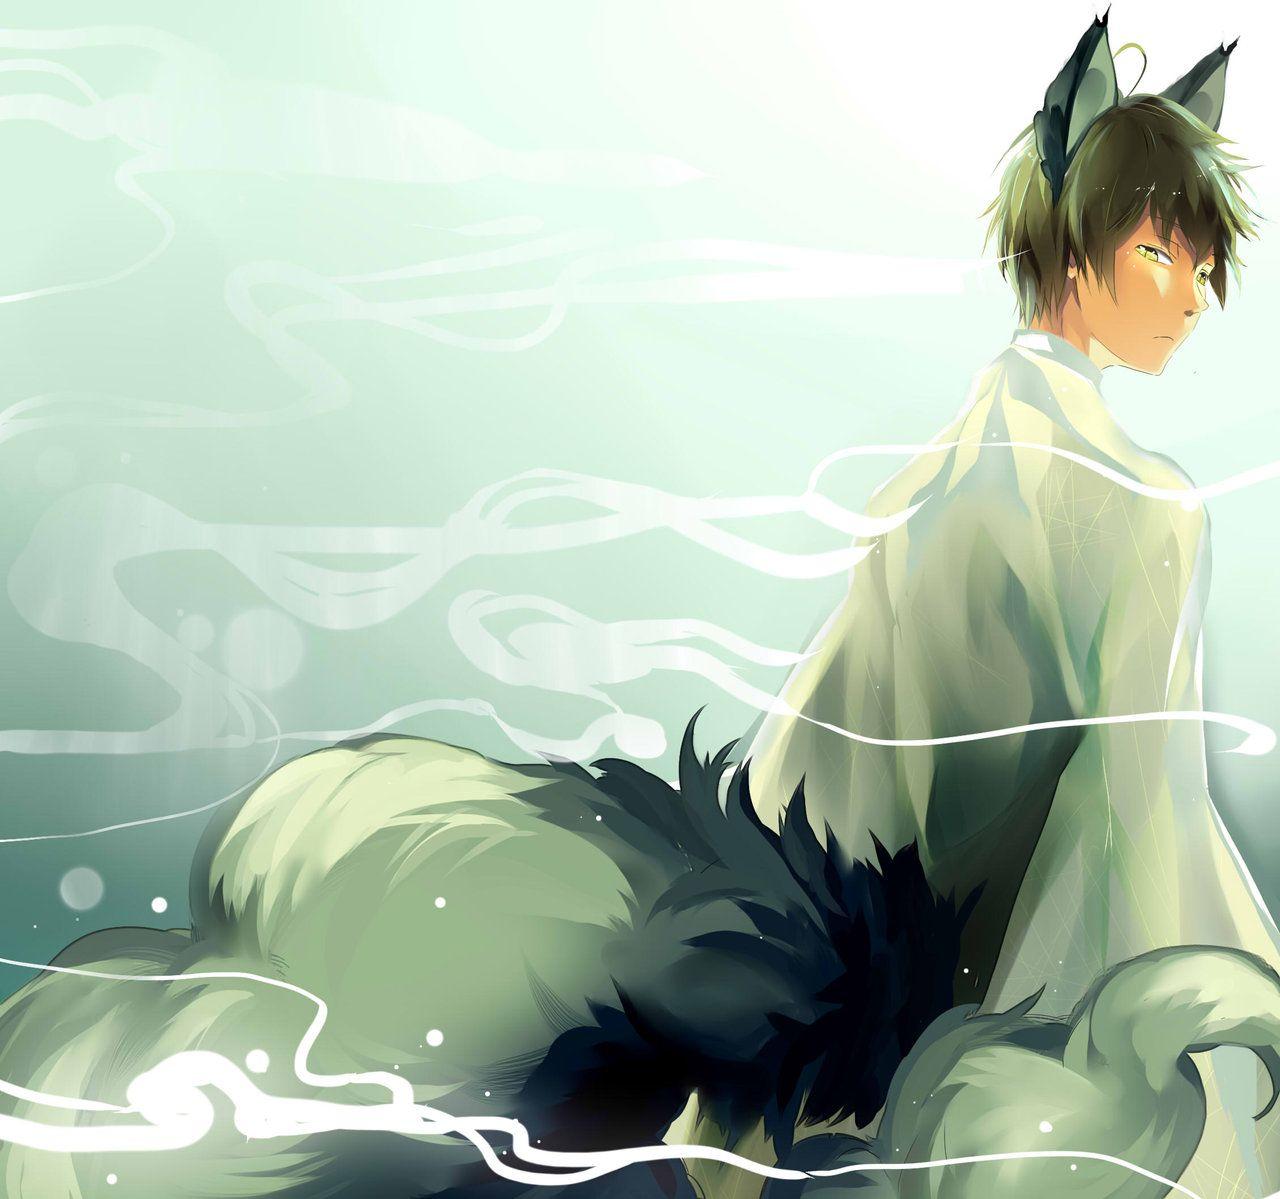 Fox spirit by pokeguin on deviantART Anime Pinterest